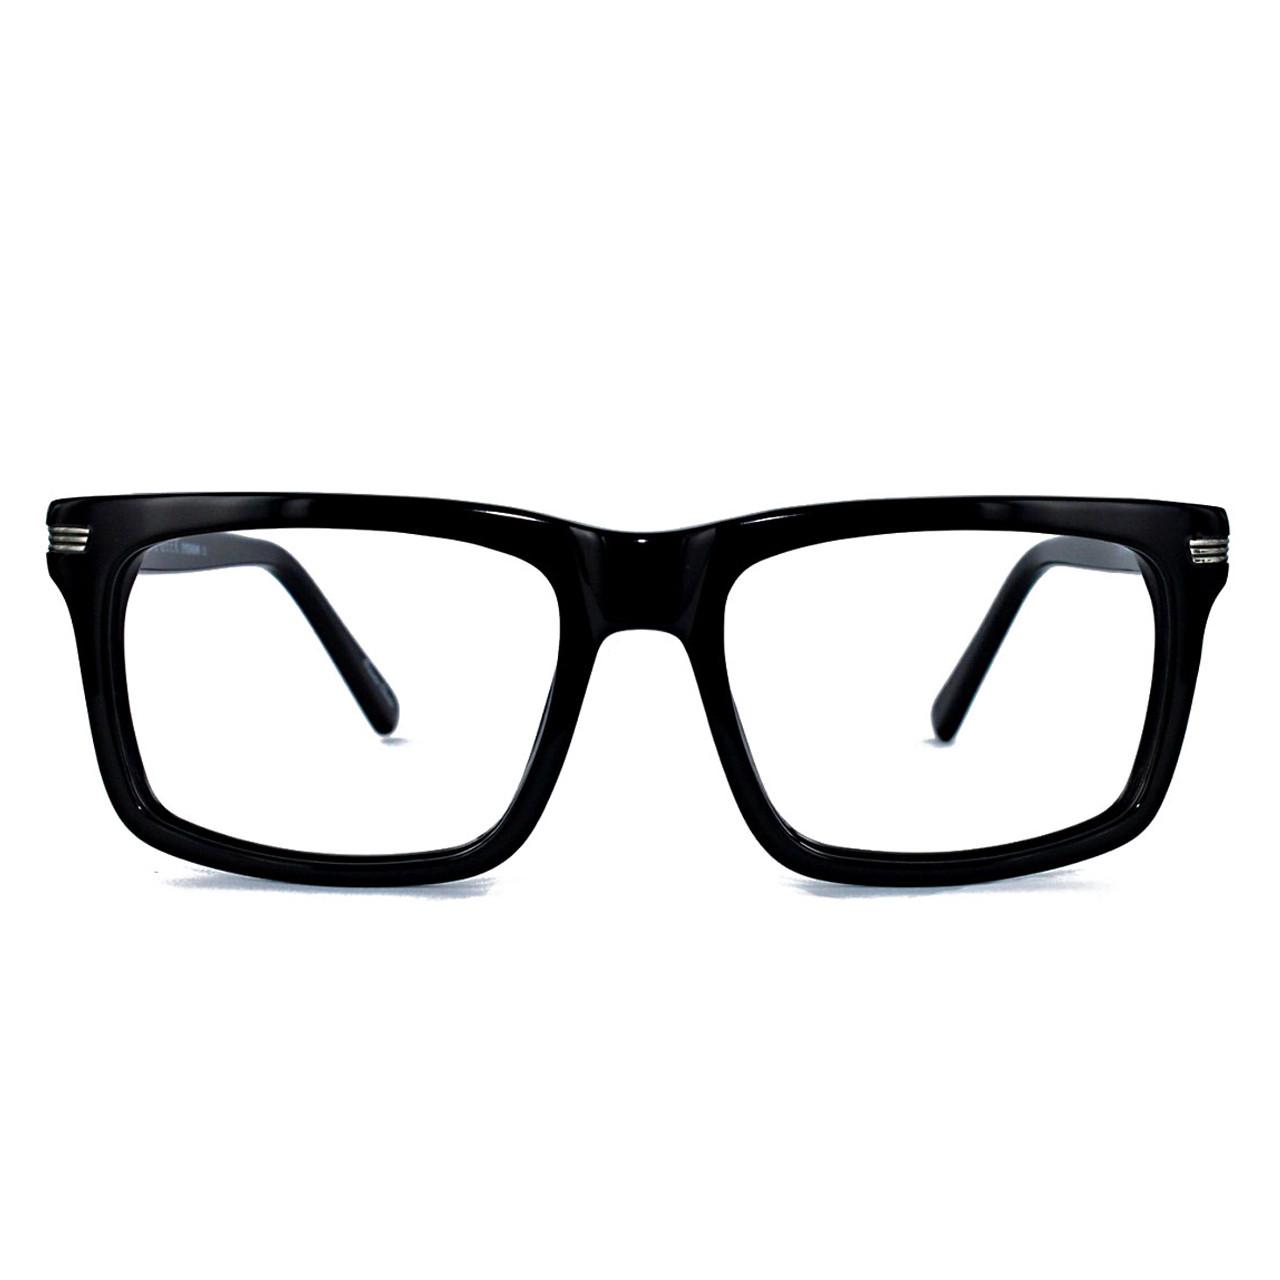 GEEK Eyewear GEEK 712 Sunglass